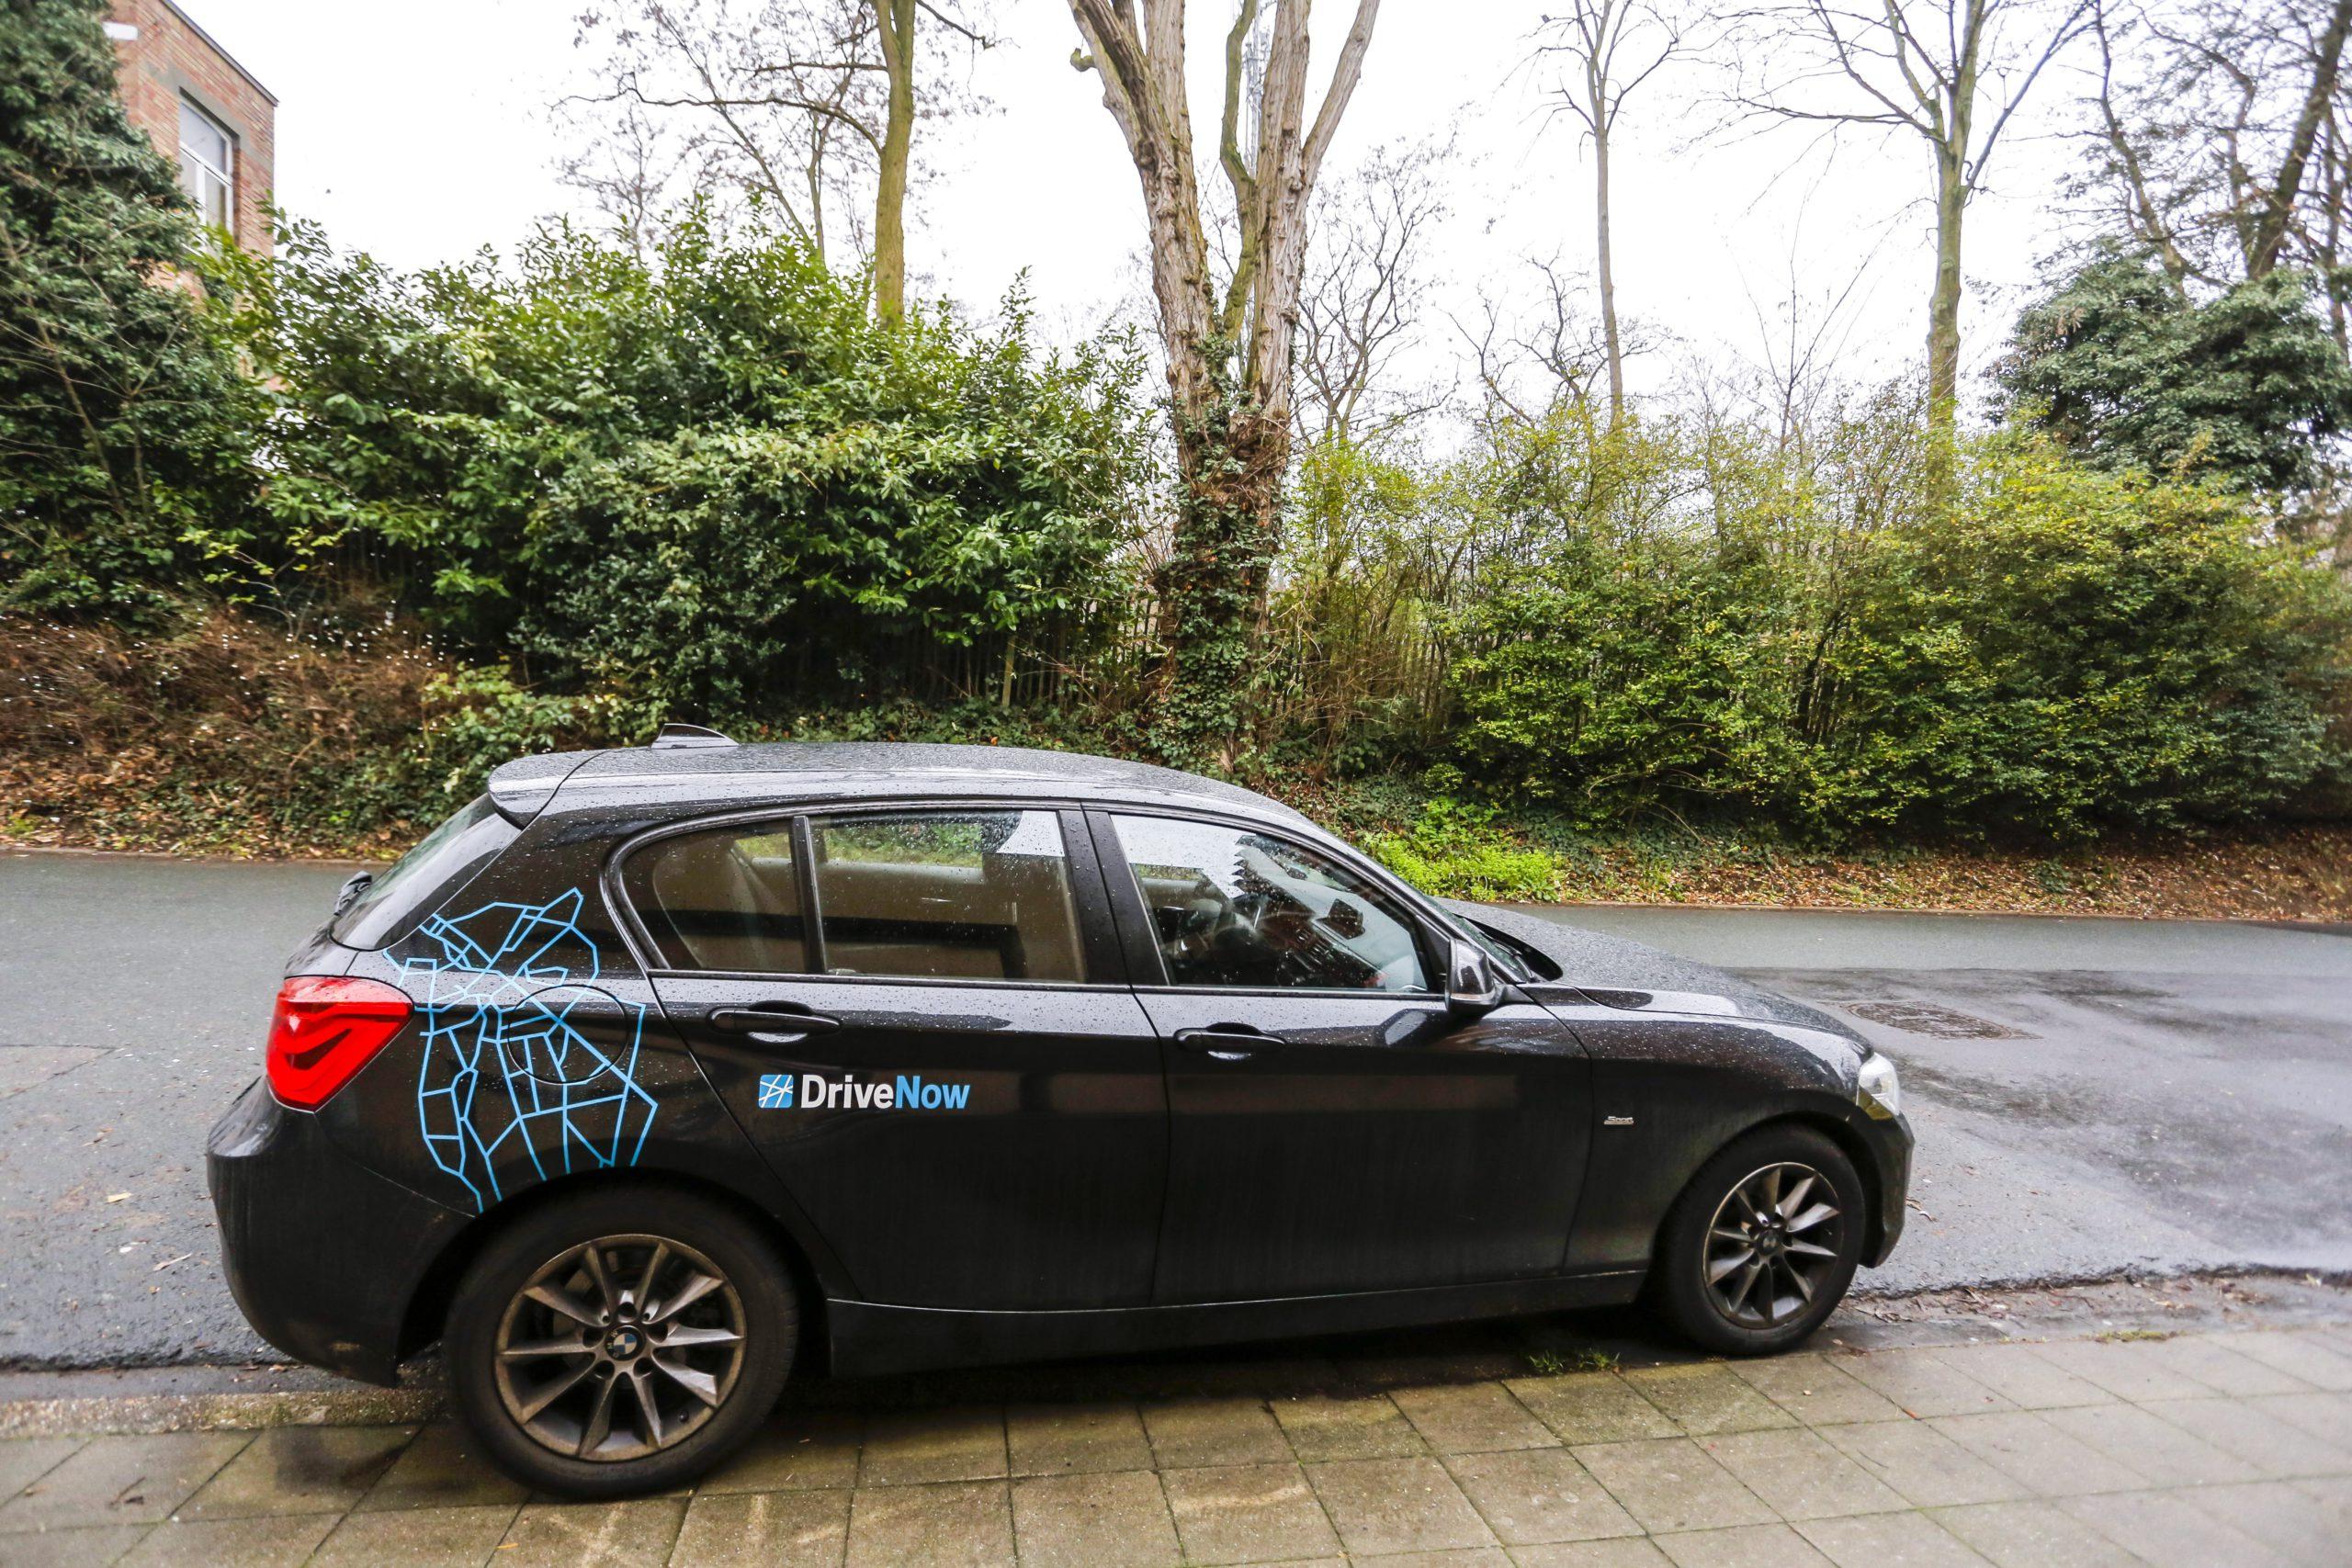 Een DriveNow-auto in Brussel. - Isopix